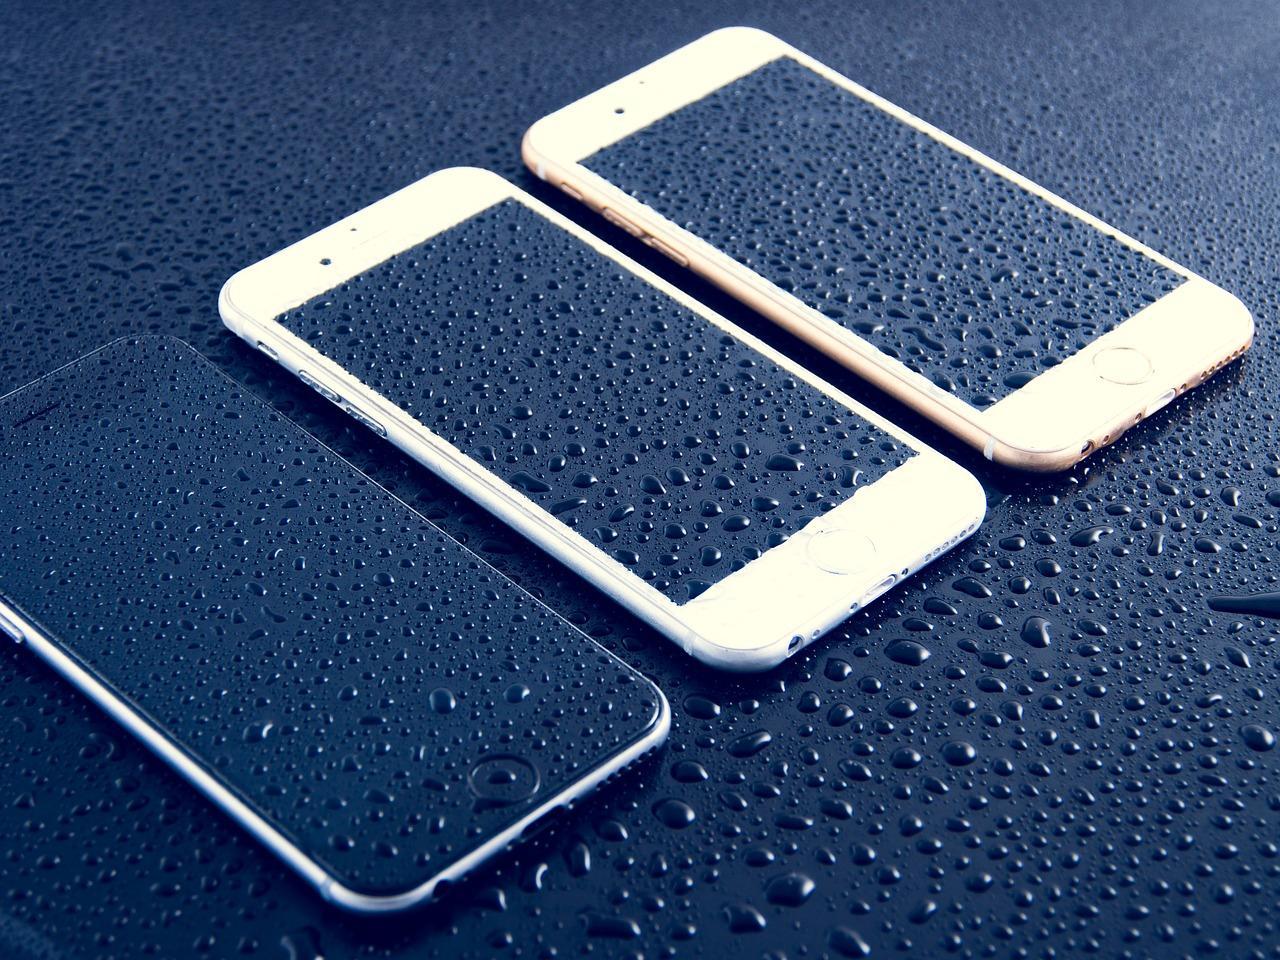 Залил динамик телефона — что делать